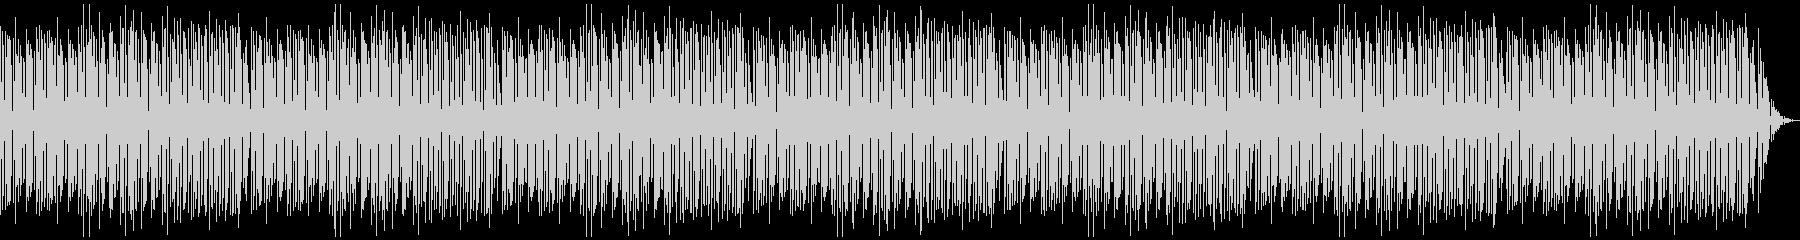 ほのぼのしたピアノのBGM。日常など。の未再生の波形